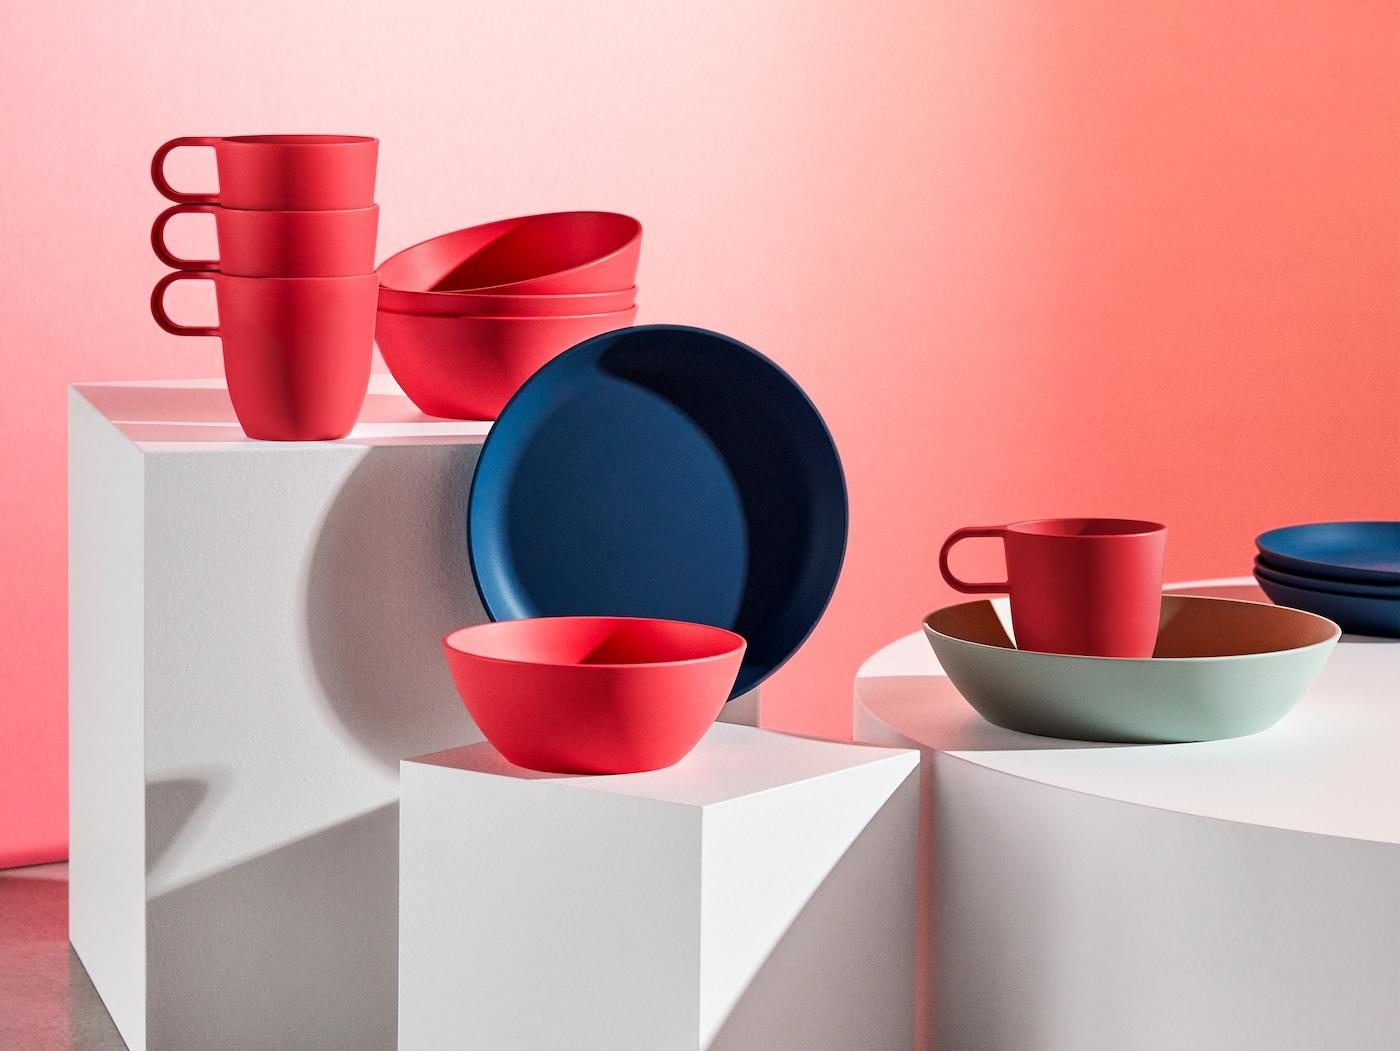 Una selecció de tasses, bols i plats TALRIKA de color vermell brillant, verd clar i blau fosc.